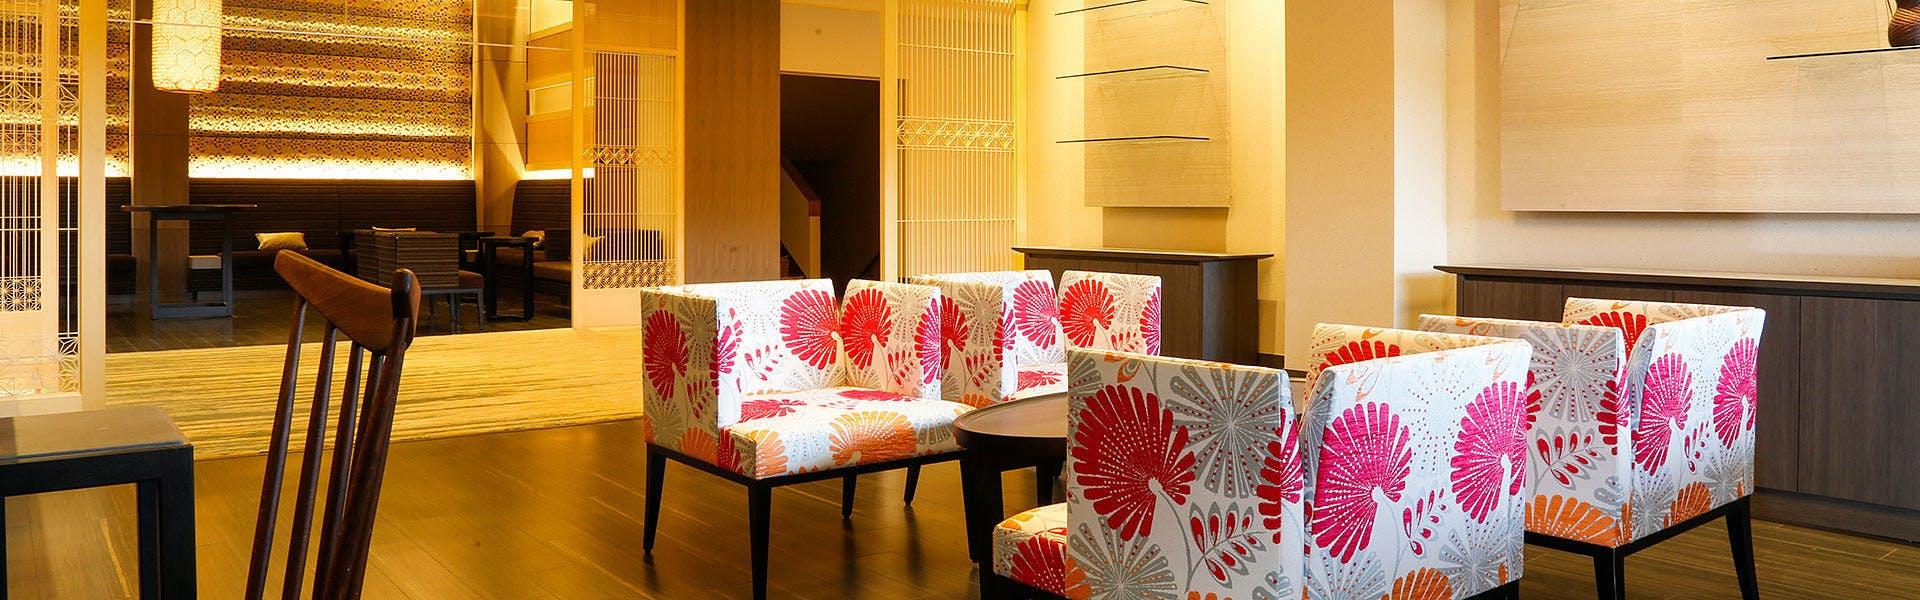 記念日におすすめのホテル・SPA TERRACE 紫翠の写真2